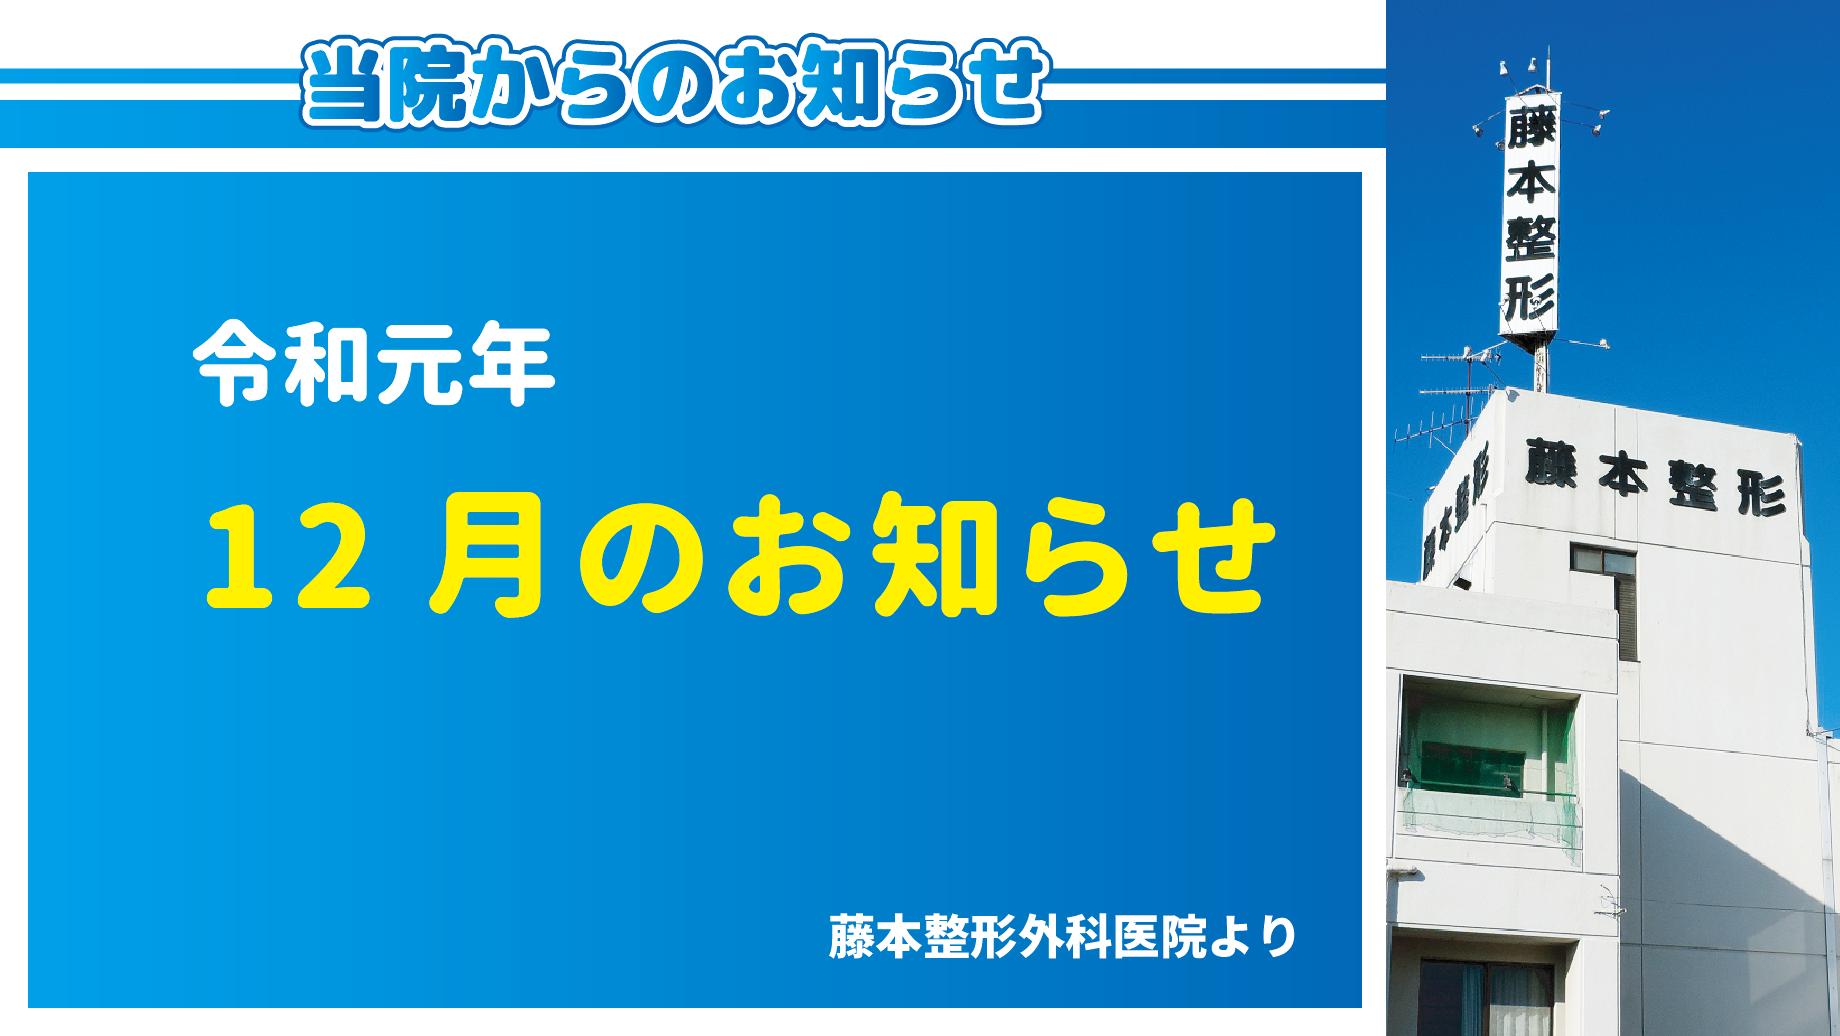 令和元年12月のお知らせ(大分の藤本整形外科医院より)